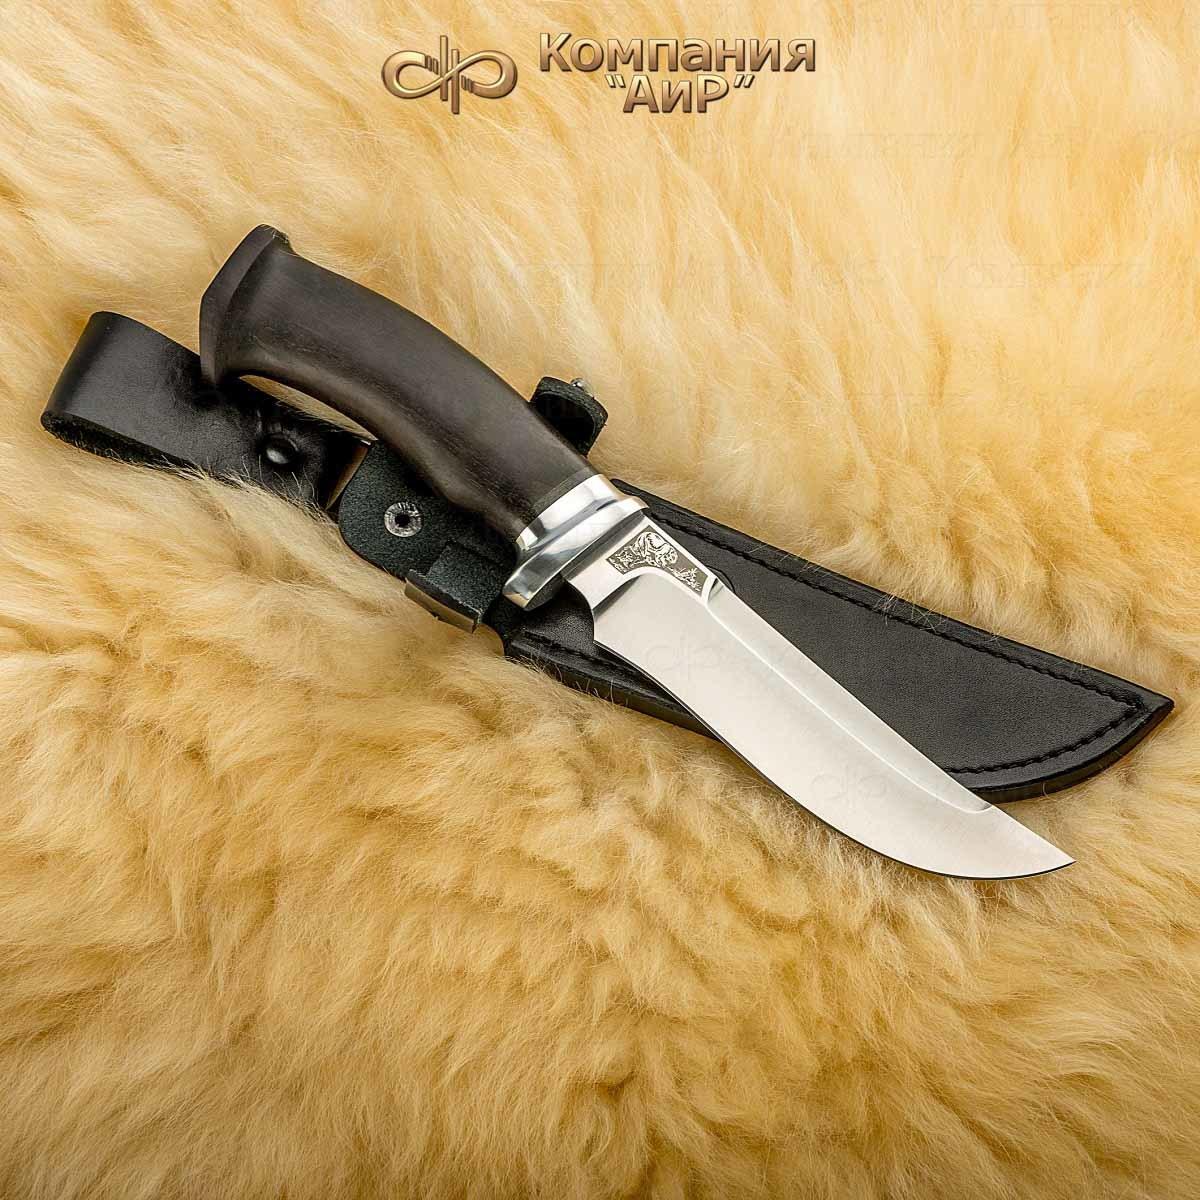 Нож разделочный АиР Росомаха, сталь Elmax, рукоять граб